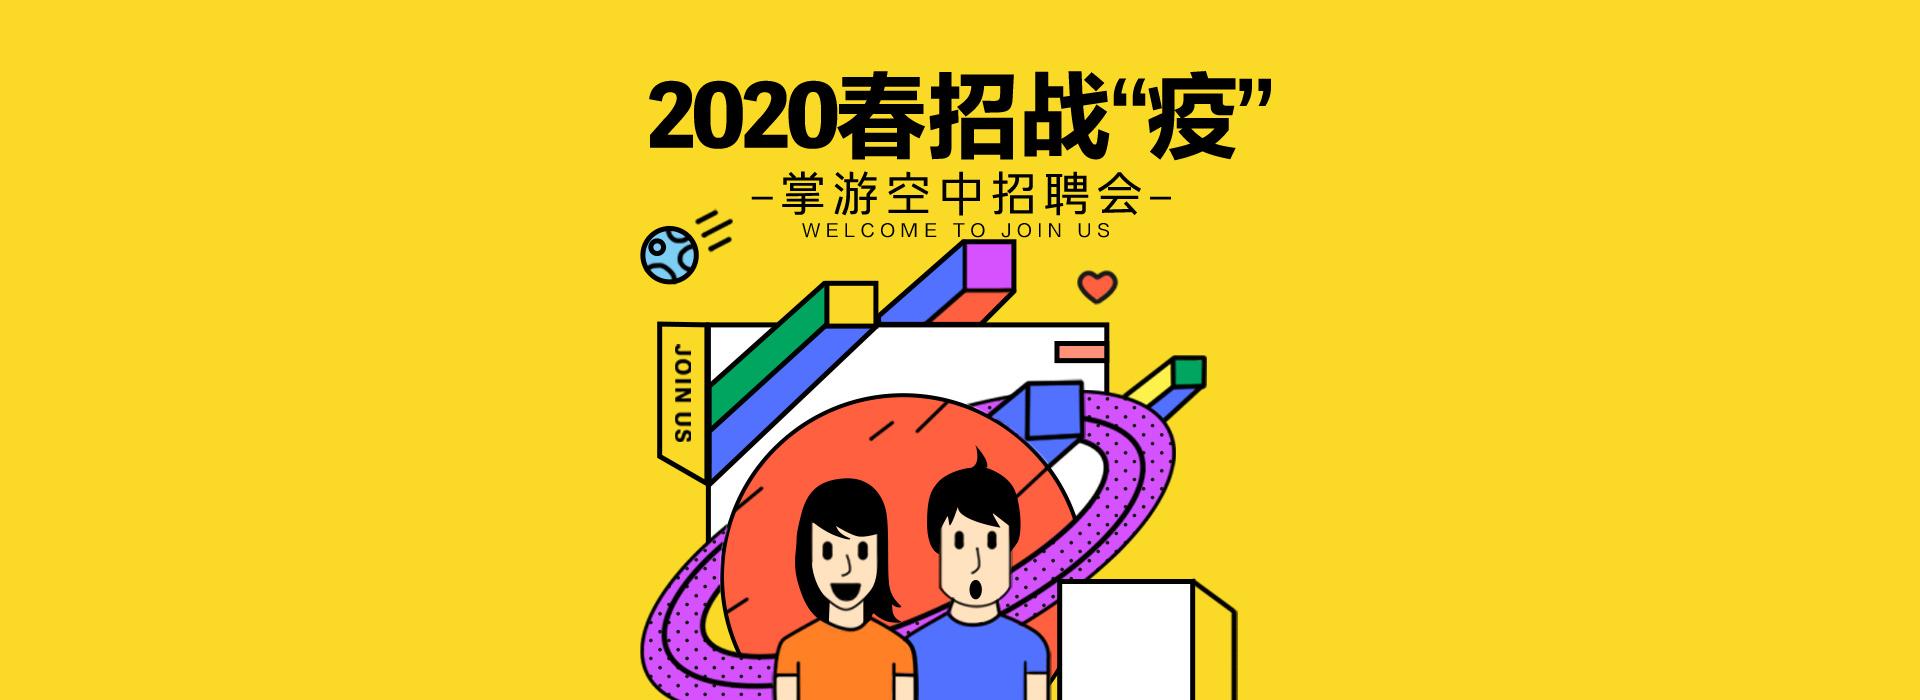 2020招聘